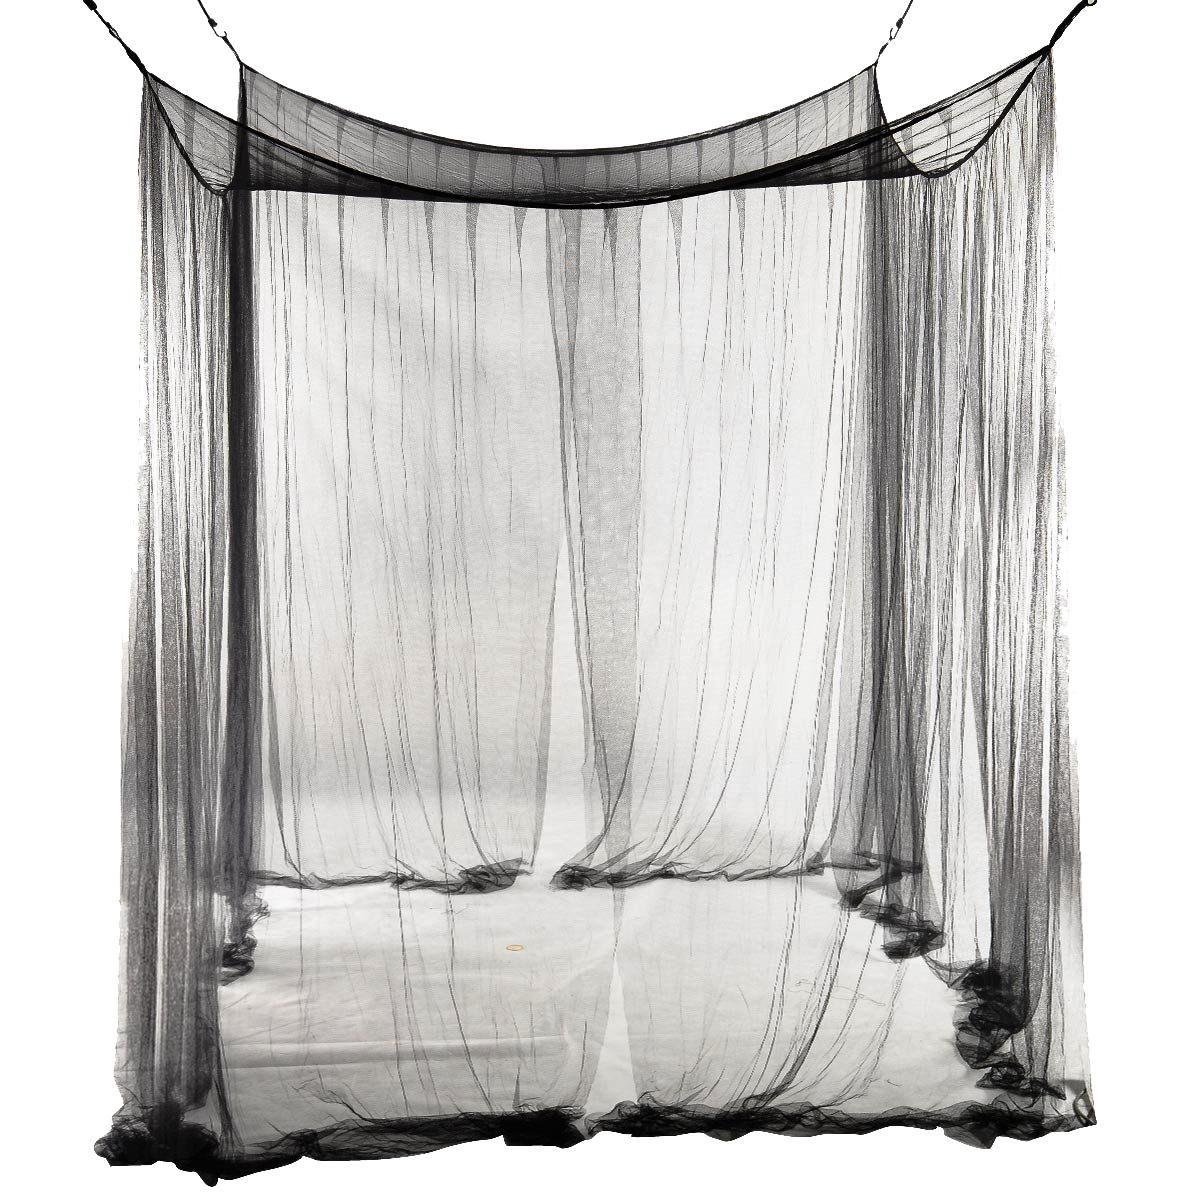 Kraliçe / Kral Boy Yatak için 4 Köşe Yatağı Netleştirme Canopy Cibinlik 190 * 210 * 240cm (Siyah)